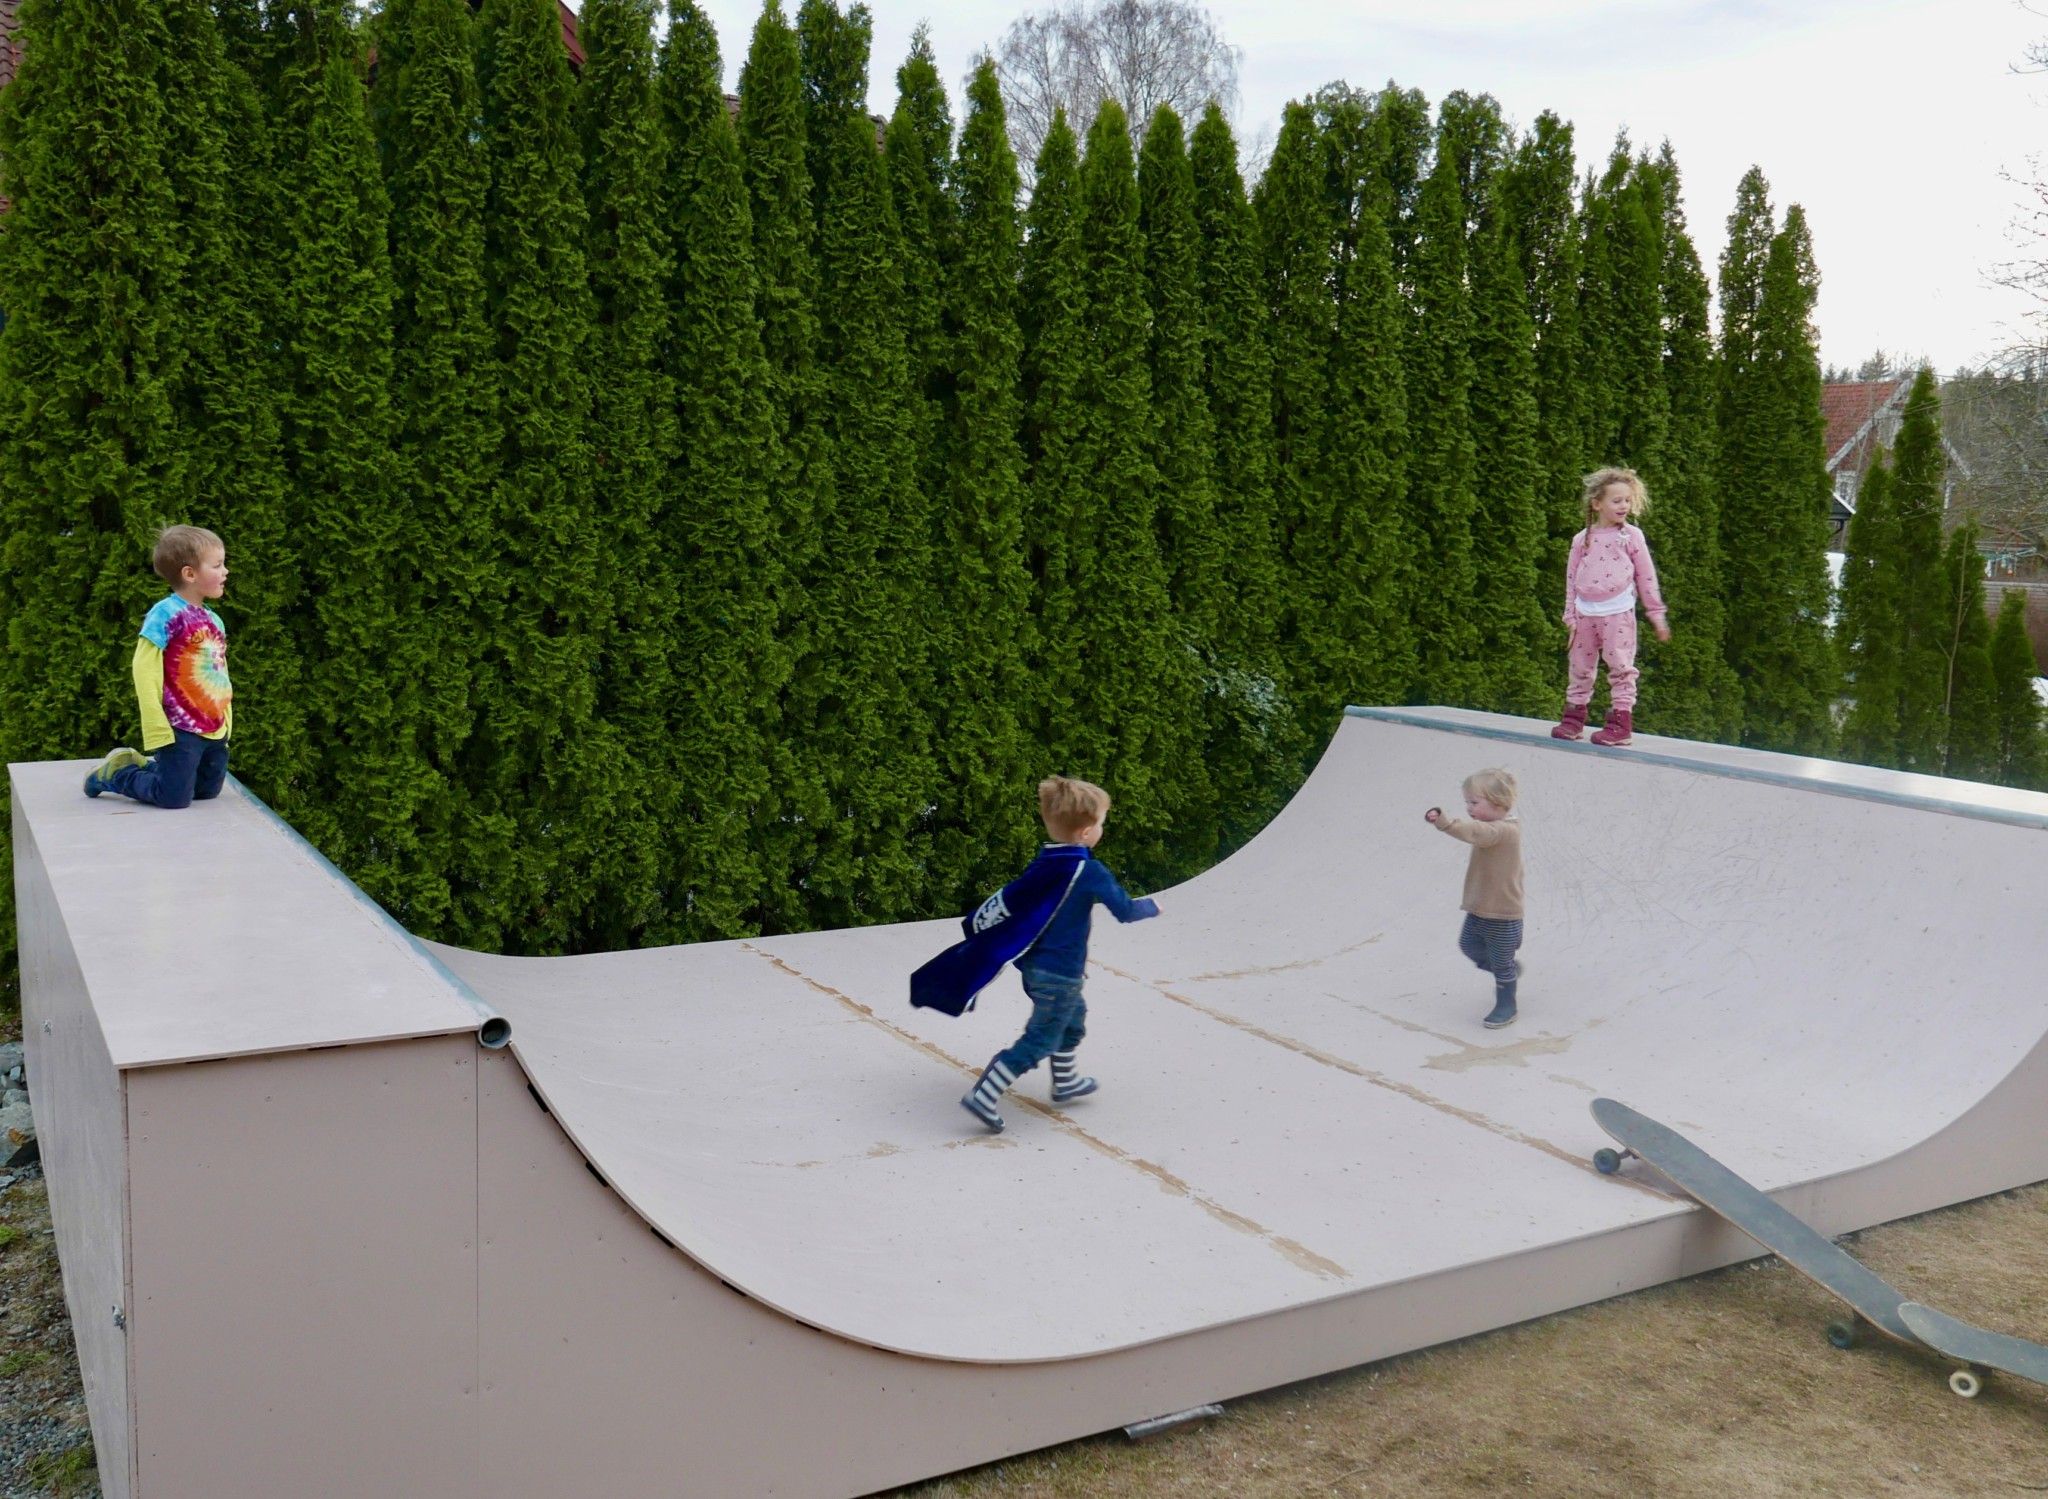 kids-skate-ramp-venner